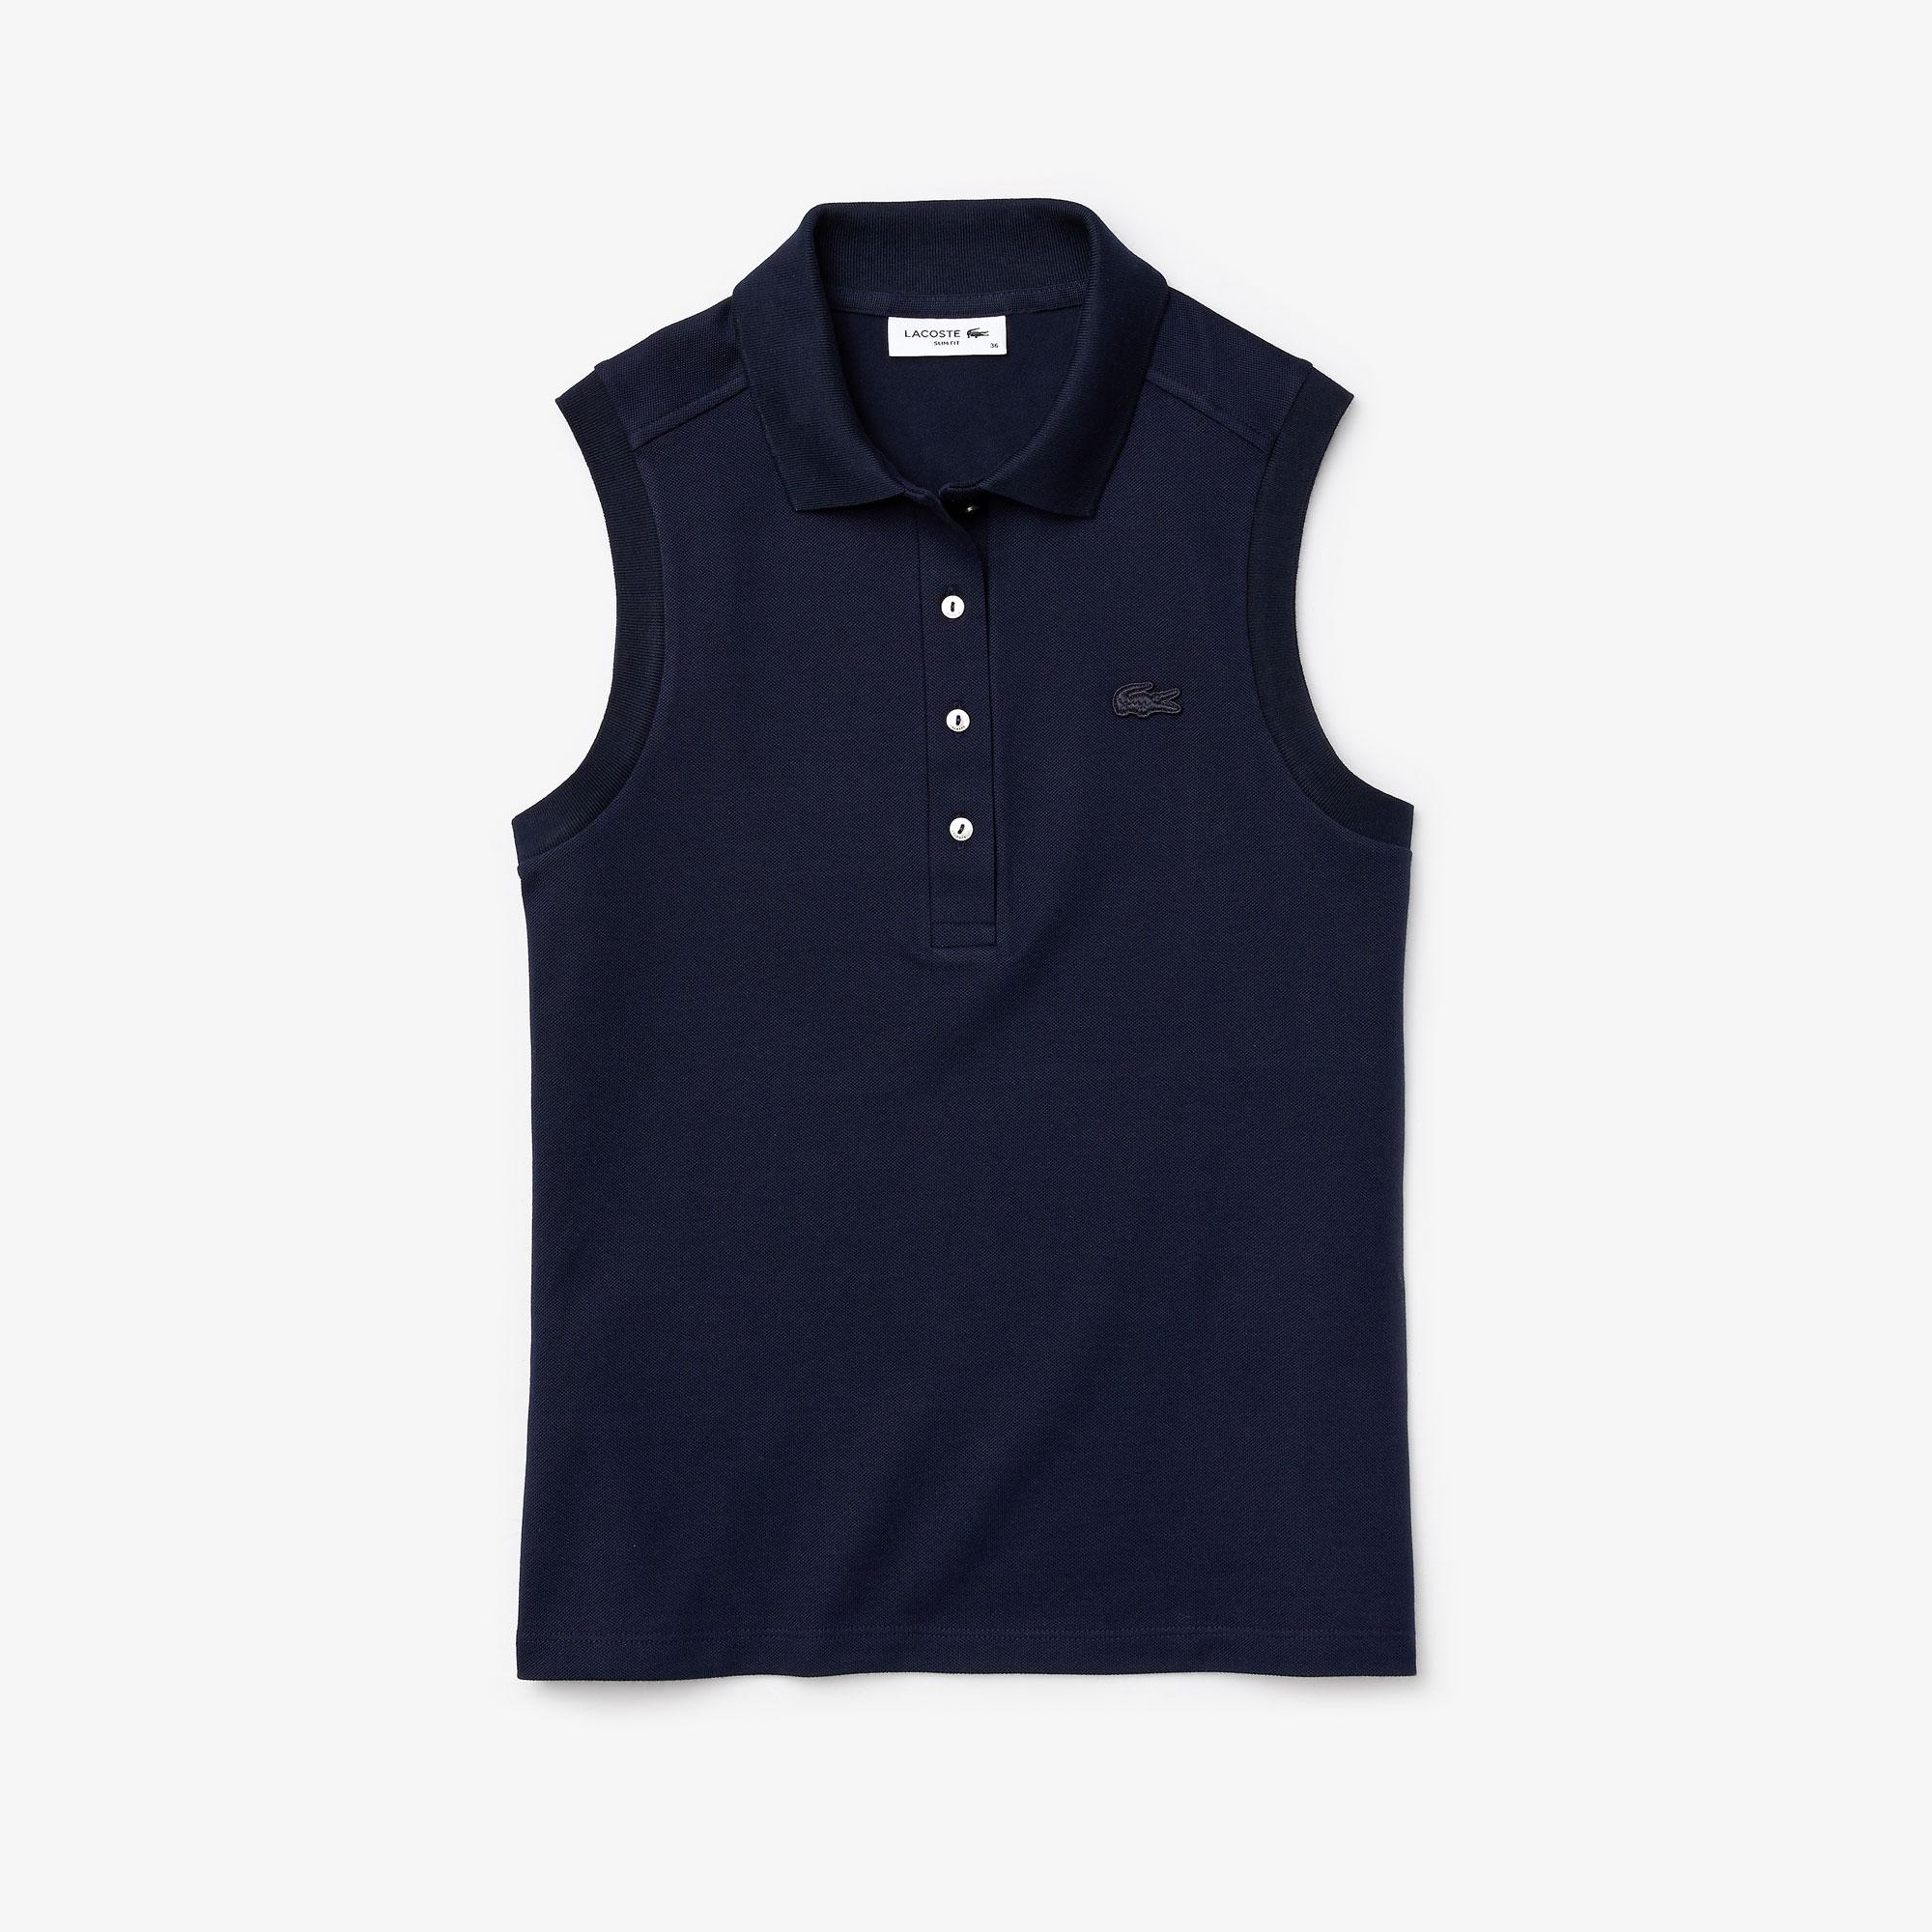 Lacoste Damska Koszulka Polo Z Piki Bez Rękawów